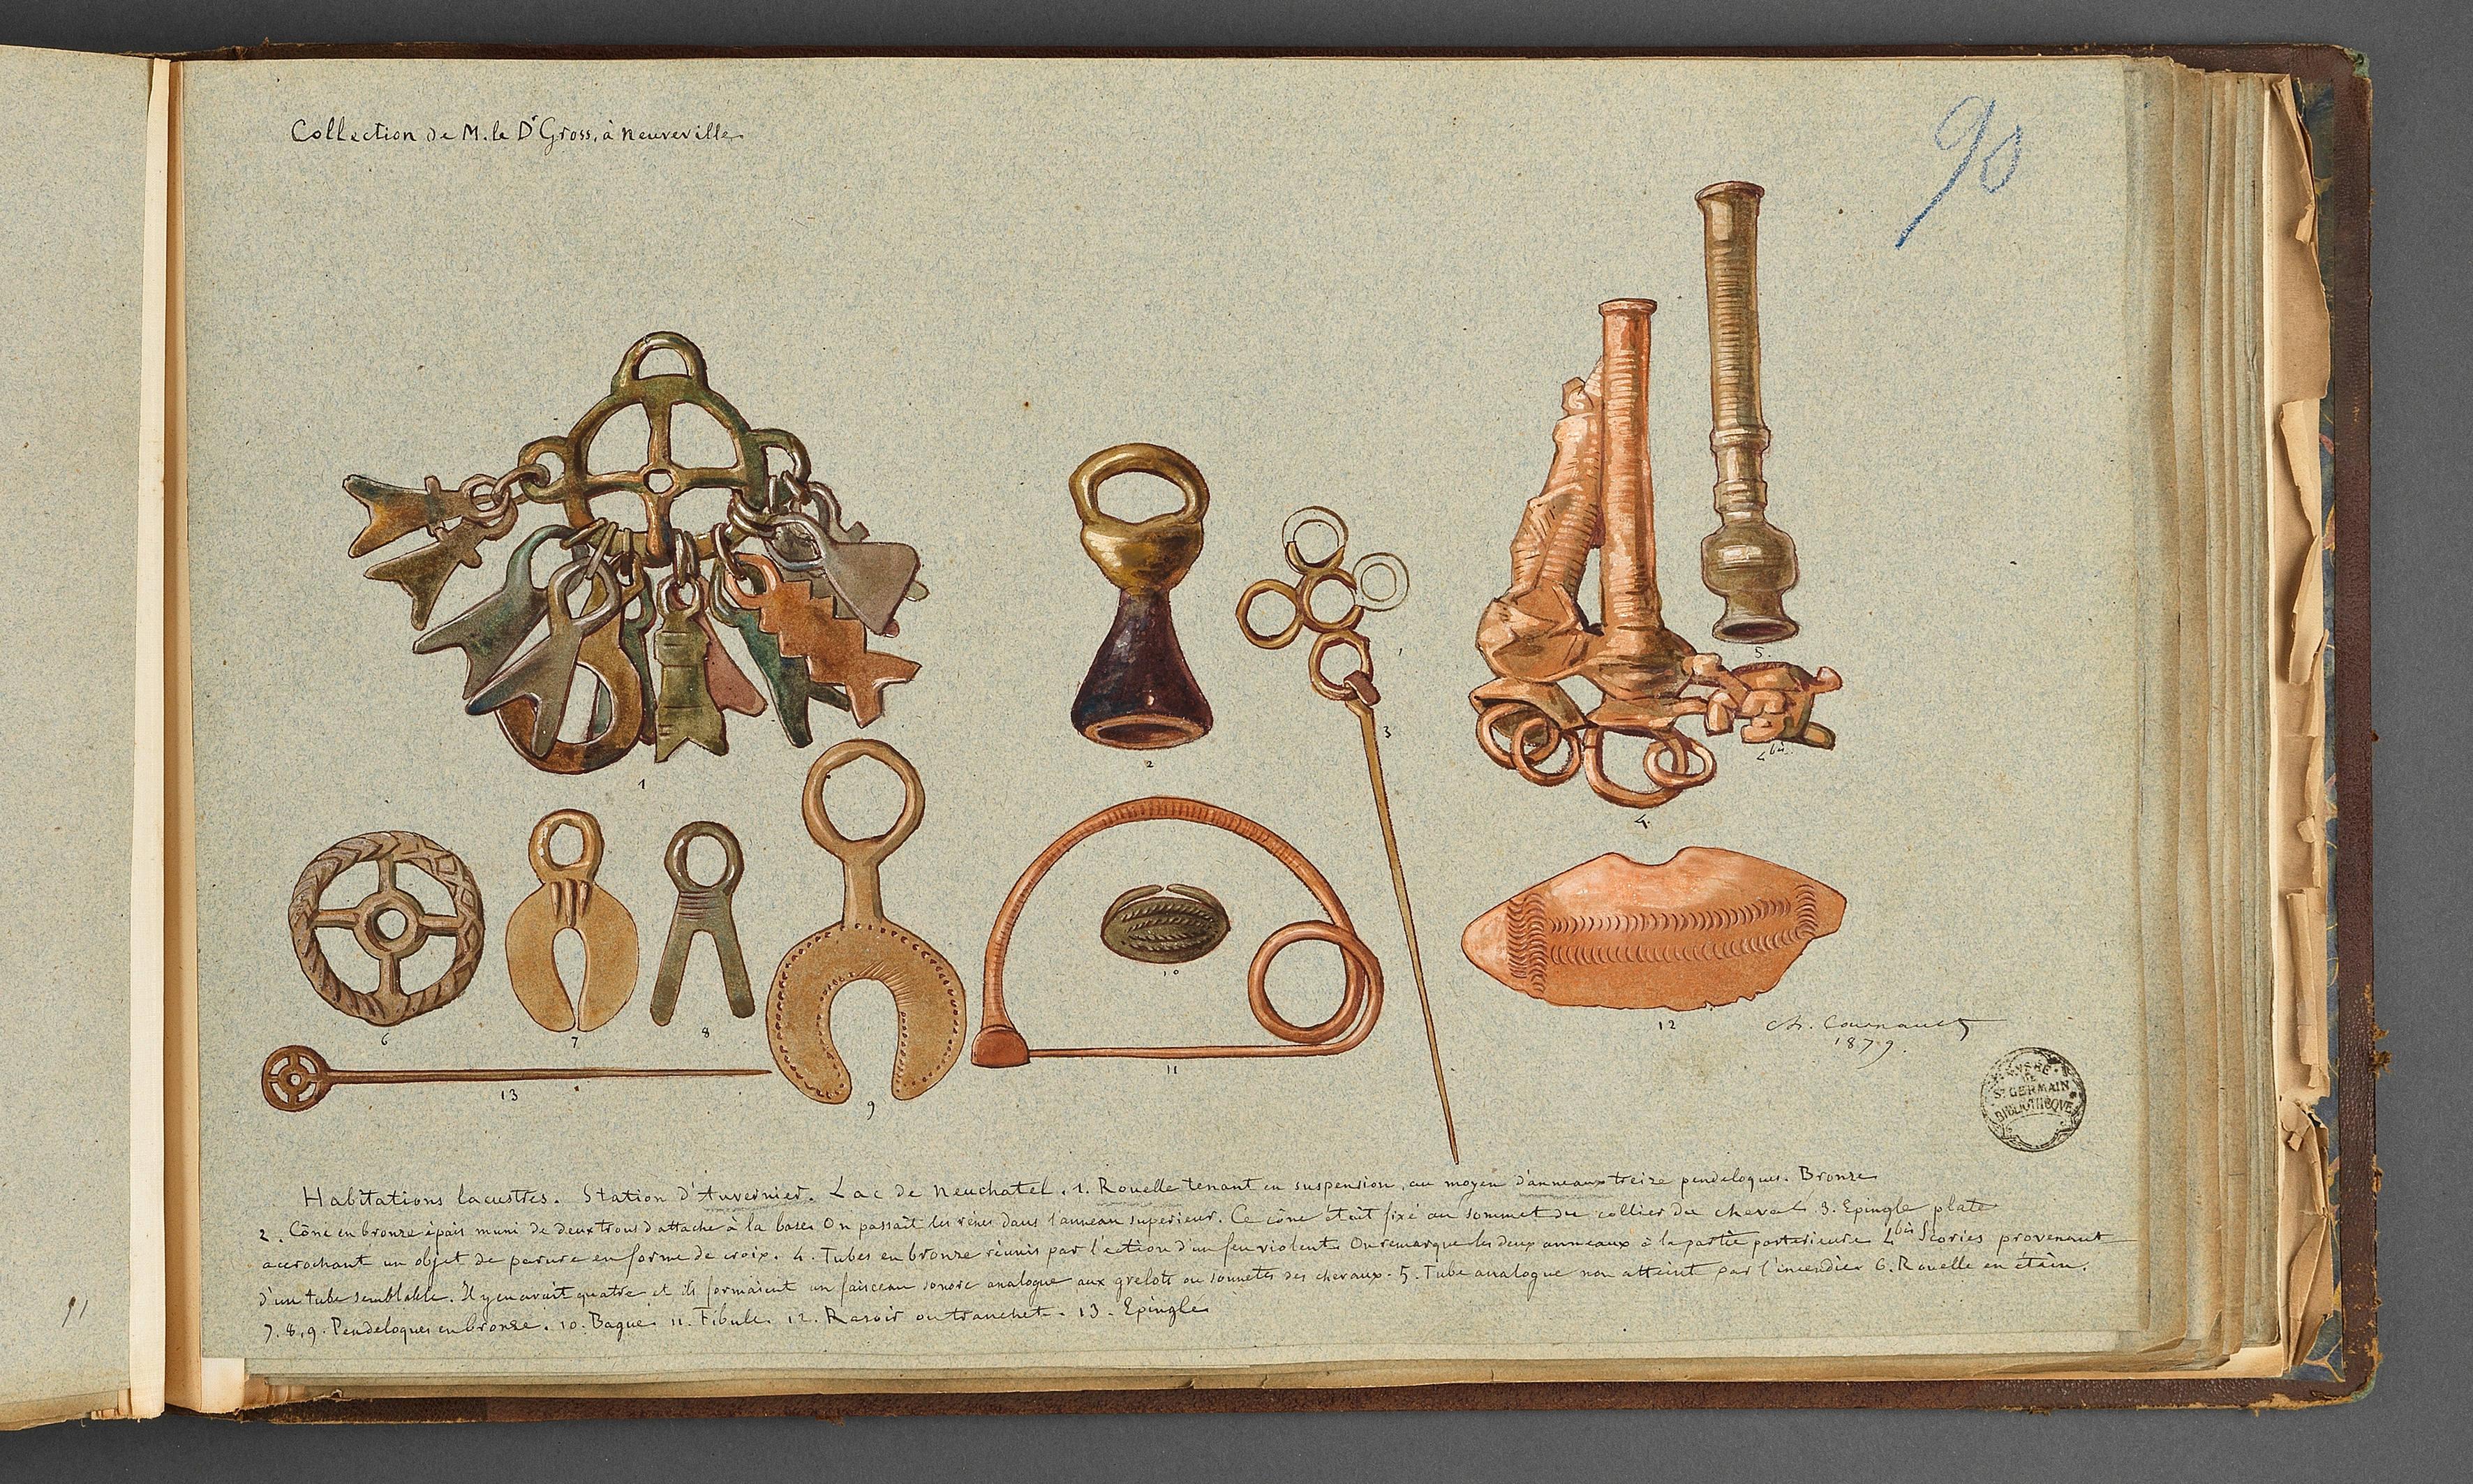 Objets de la collection Victor Gross. Dessin de Charles Cournault. MAN, centre des Archives, album Cournault n°4.